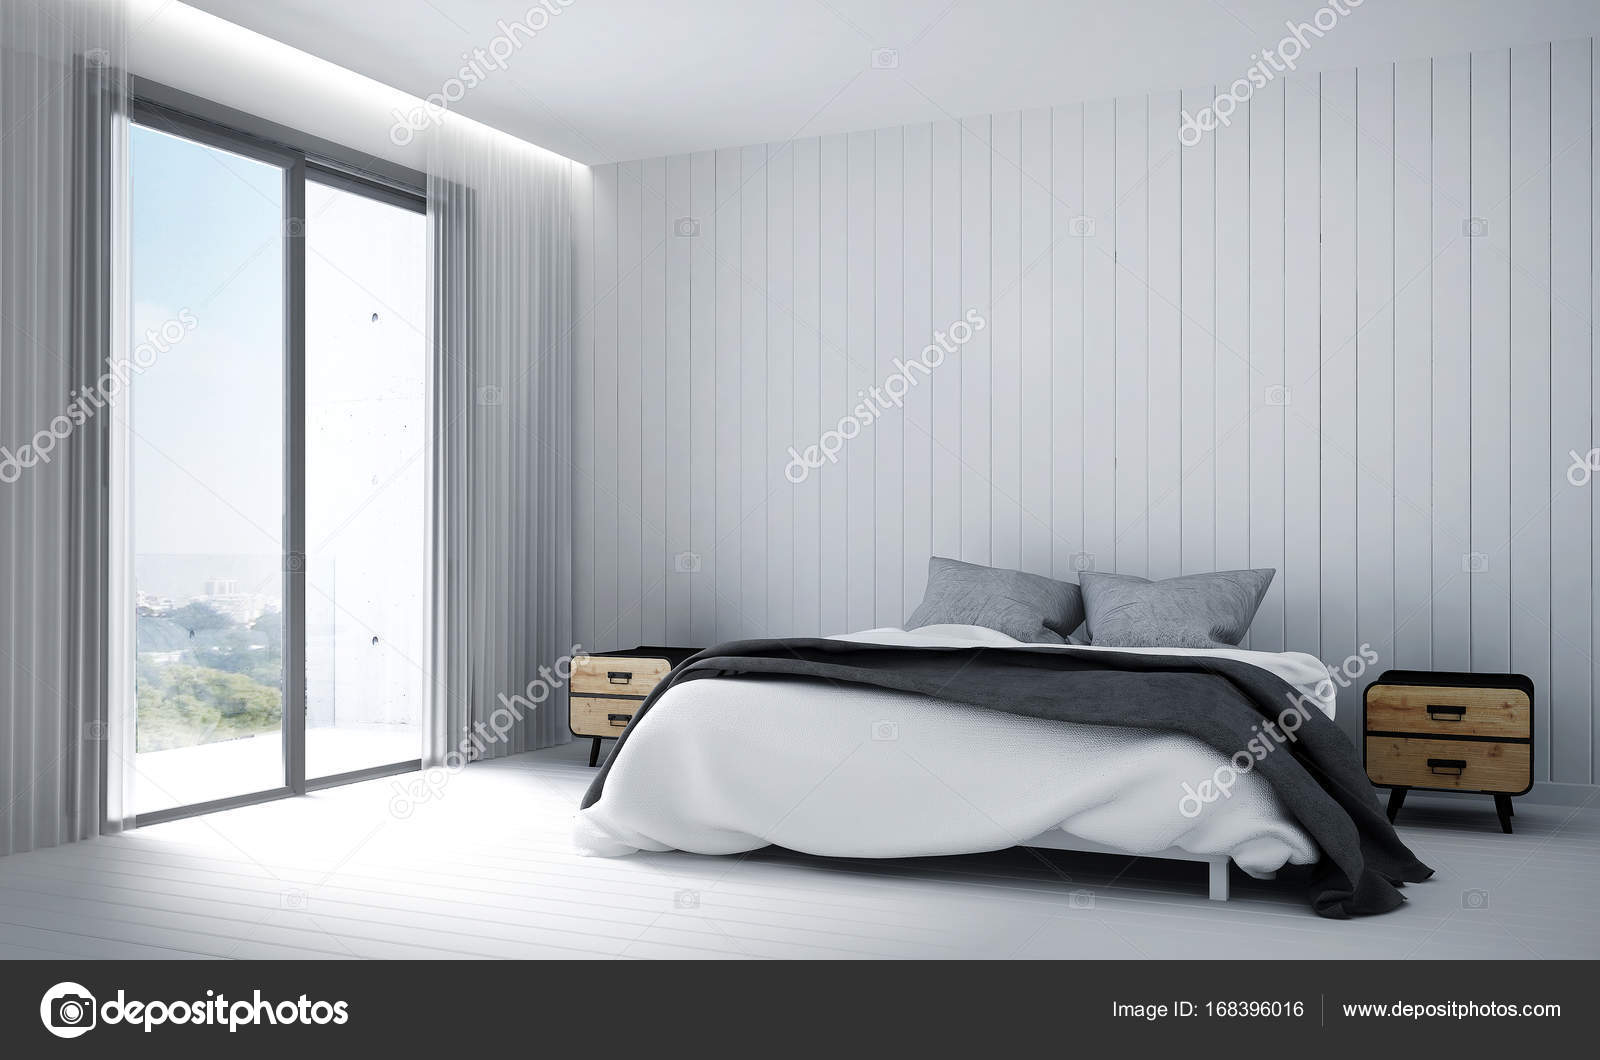 design dintrieur de rendu 3d chambre image de teeraphan